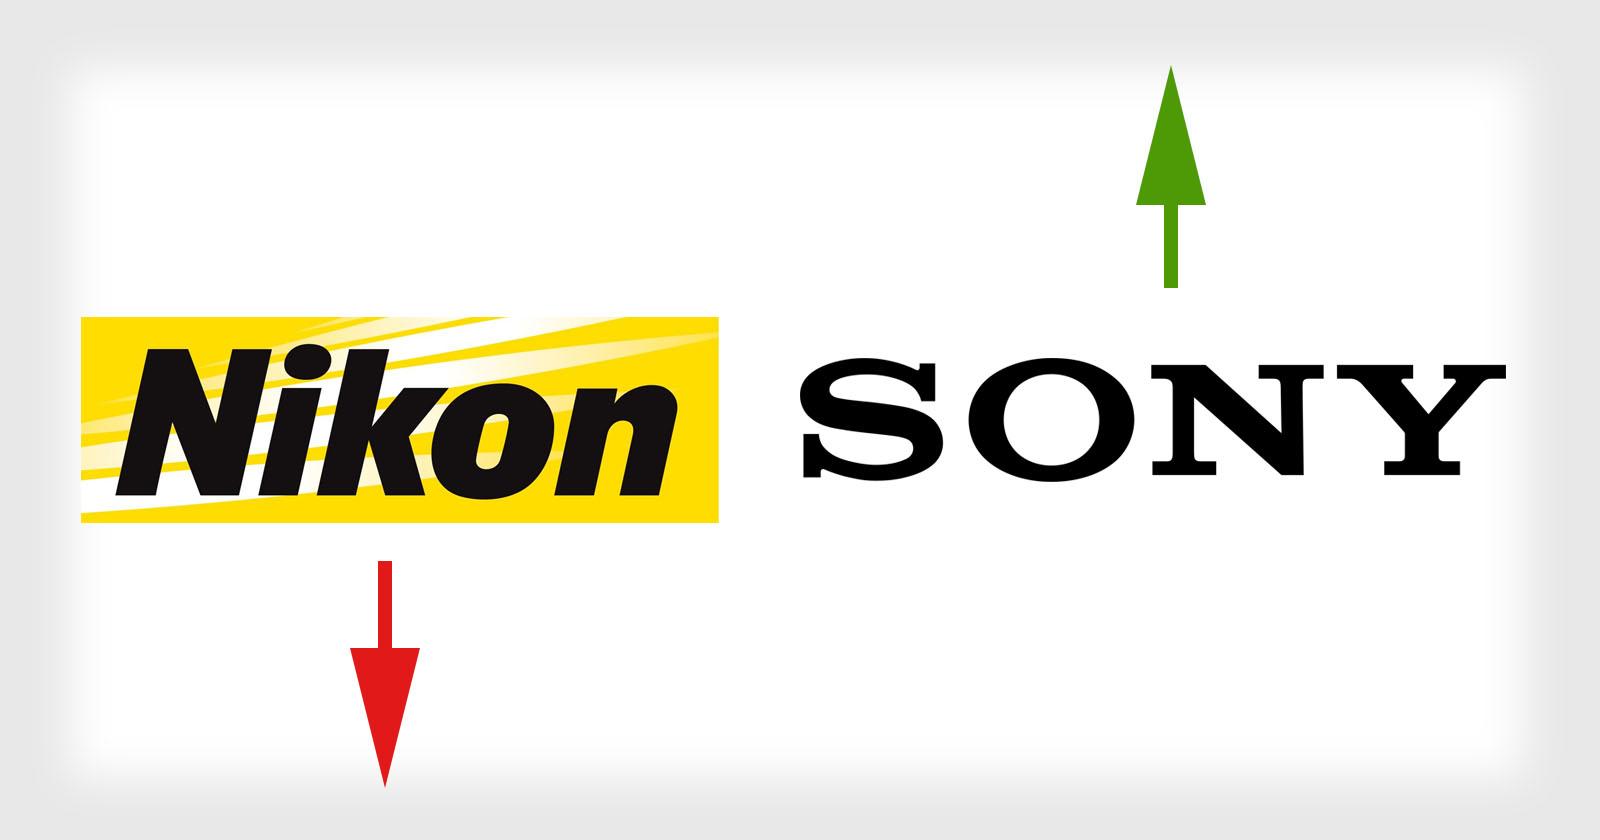 Bị Sony vượt mặt, Nikon ráo riết giảm phát triển DSLR, tập trung vào mirrorless